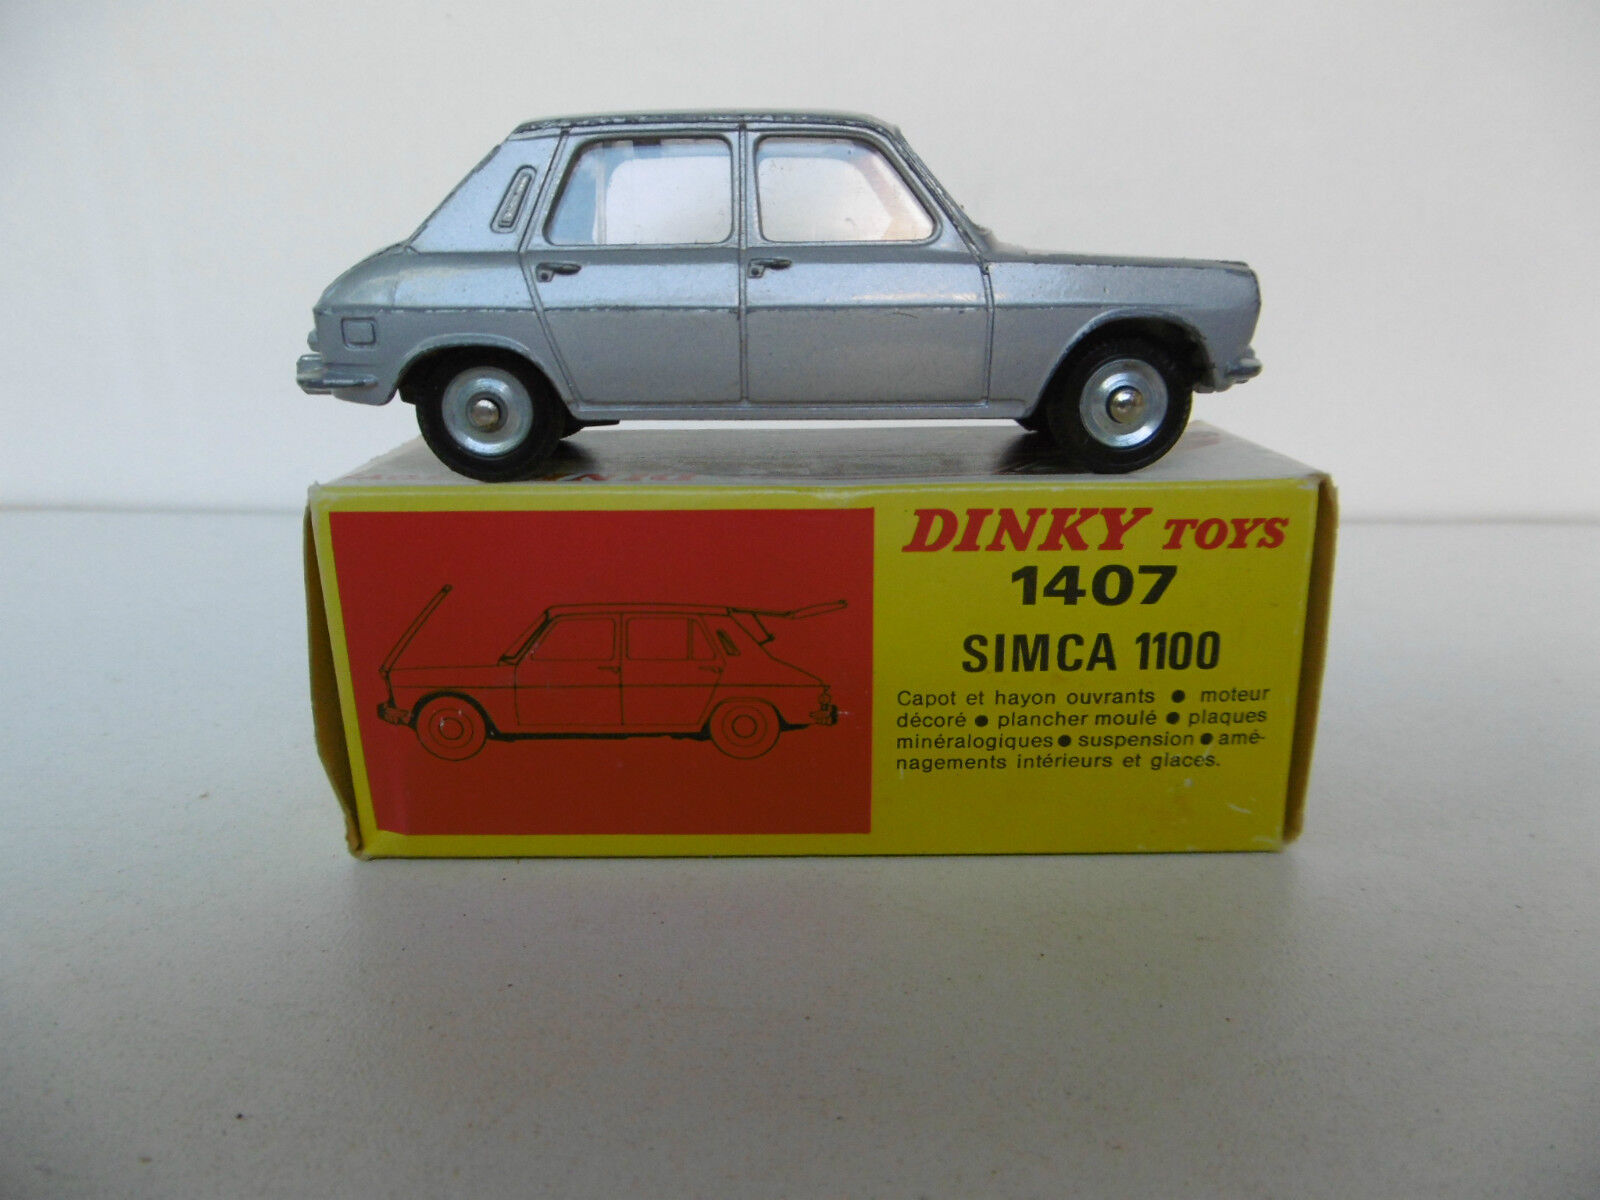 DINKY TOYS FRANCE  SIMCA 1100  REF. 1407    BOITE D'ORIGINE  BON ÉTAT  1968/71 | La Qualité Et La Quantité Assurée  54b155